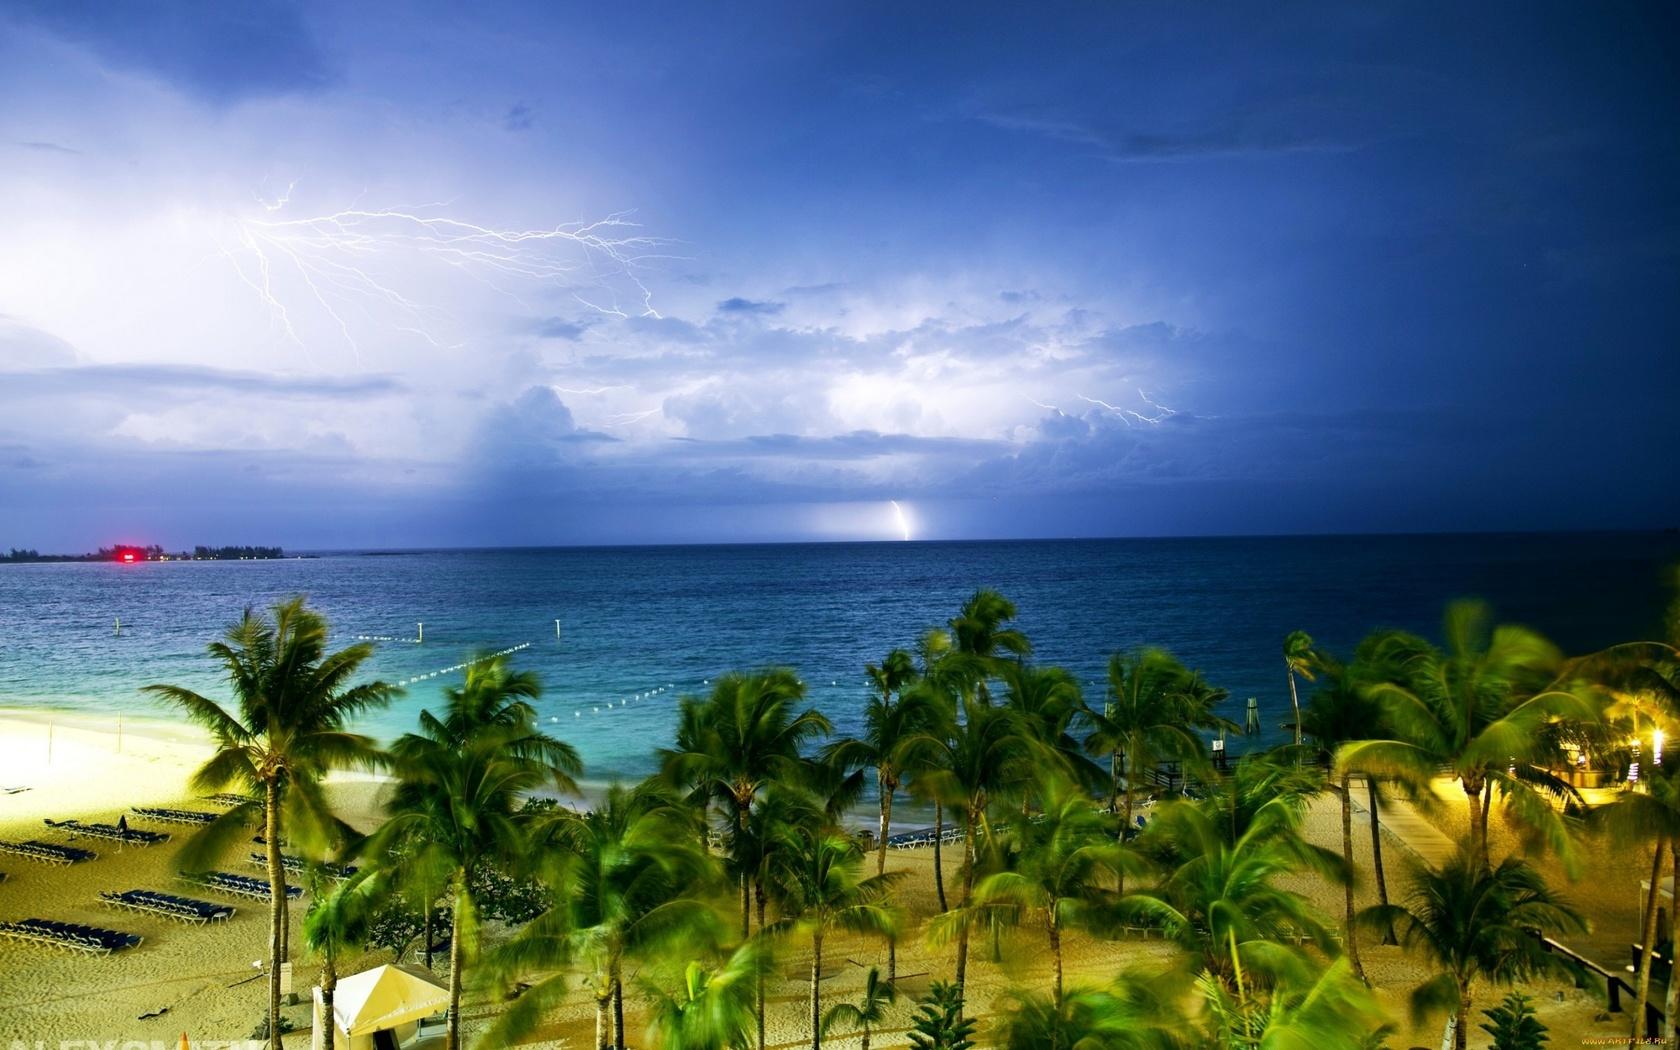 природа, молния, гроза, тучи, горизонт, пальмы, пасмурно, молнии, песок, пляж, побережье, море, тропики, багамские острова